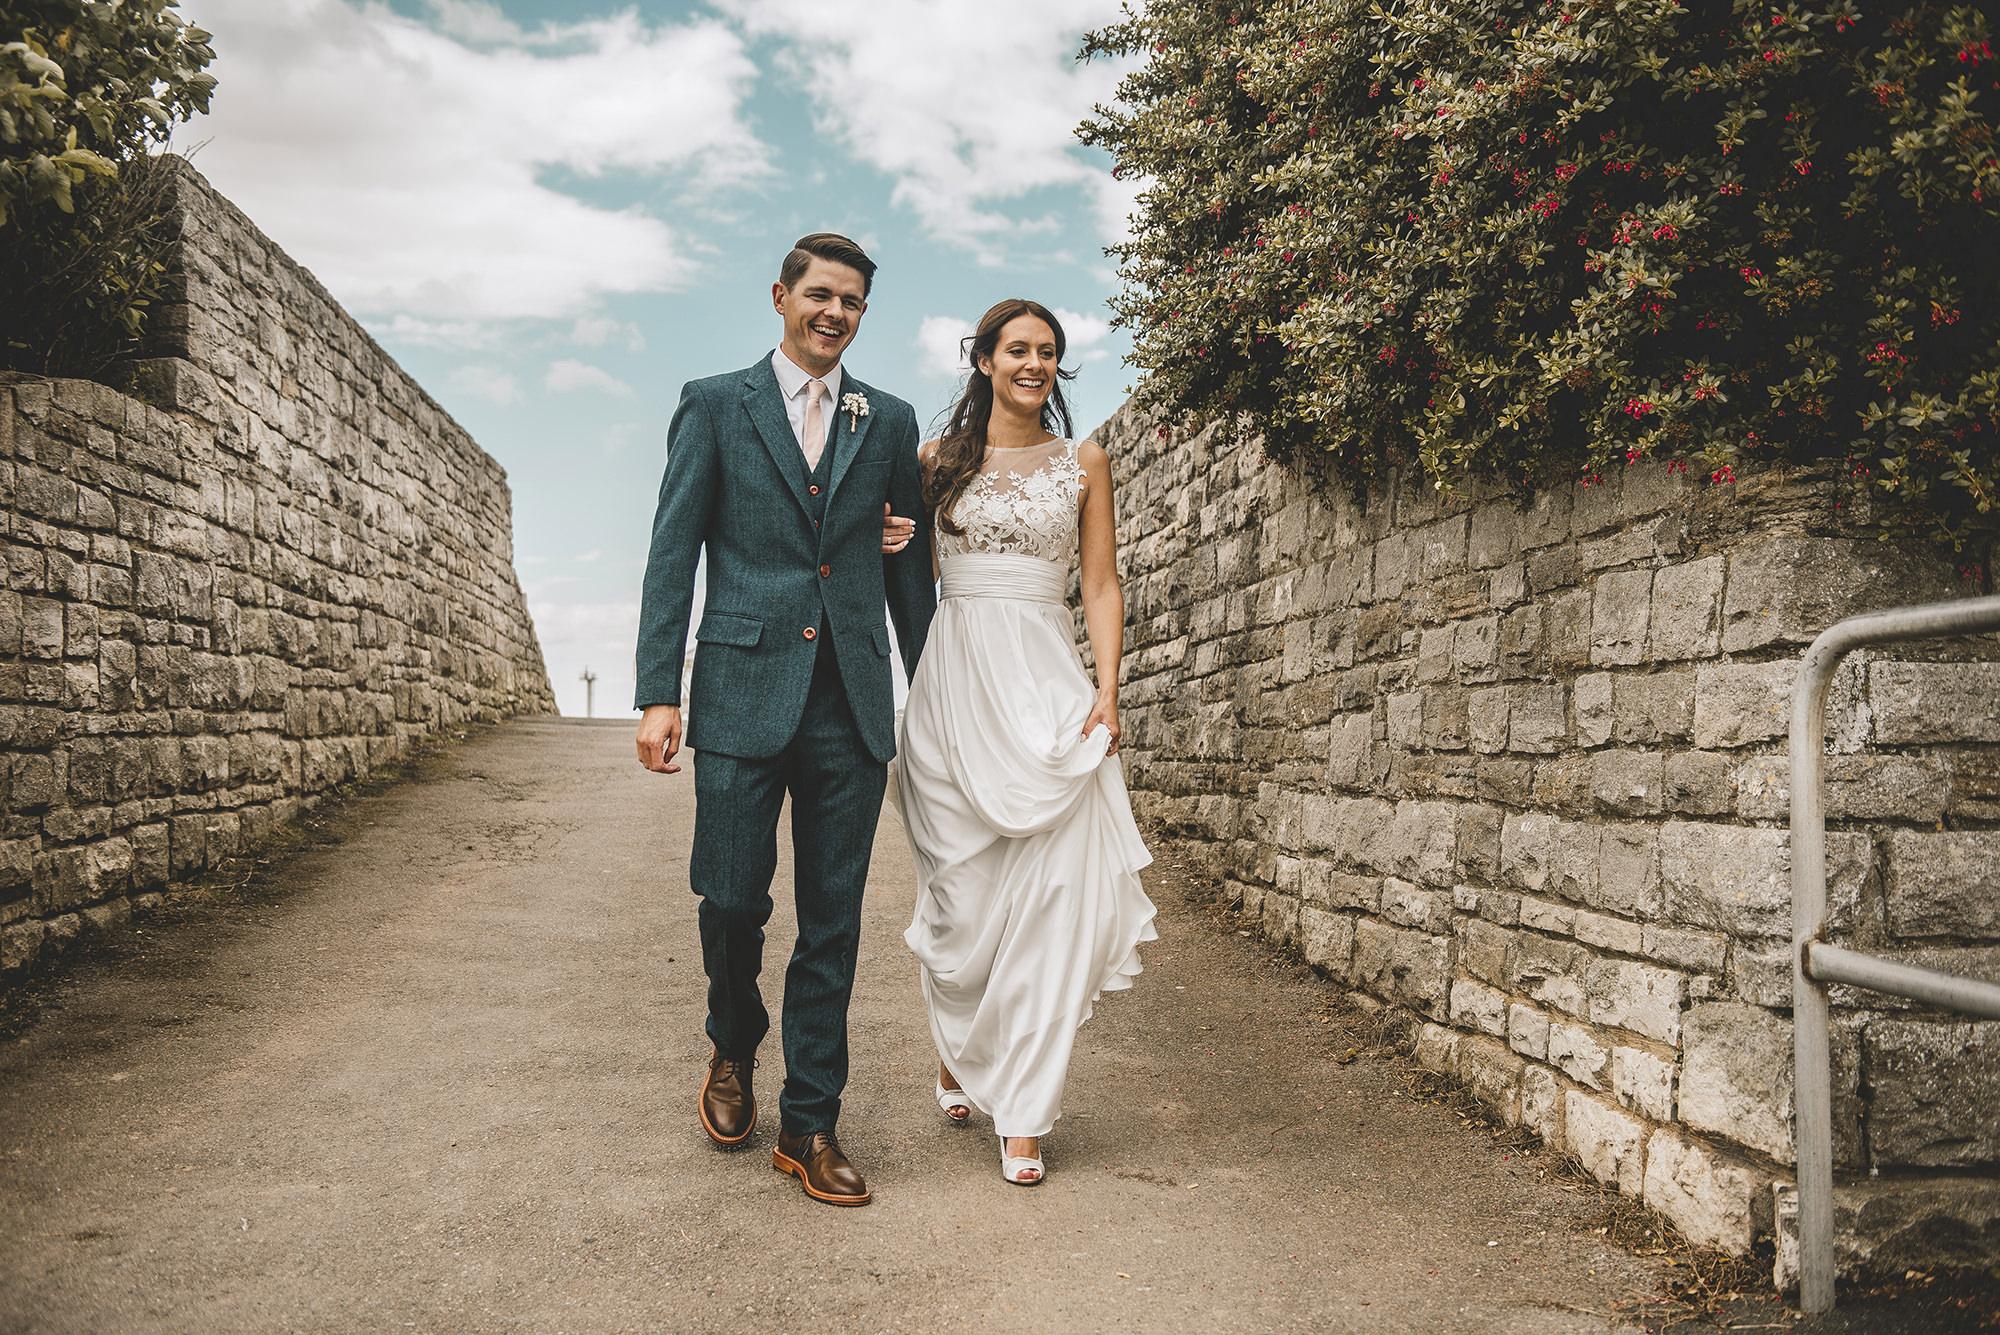 Ben & Hattie Wedding - 10/08/17